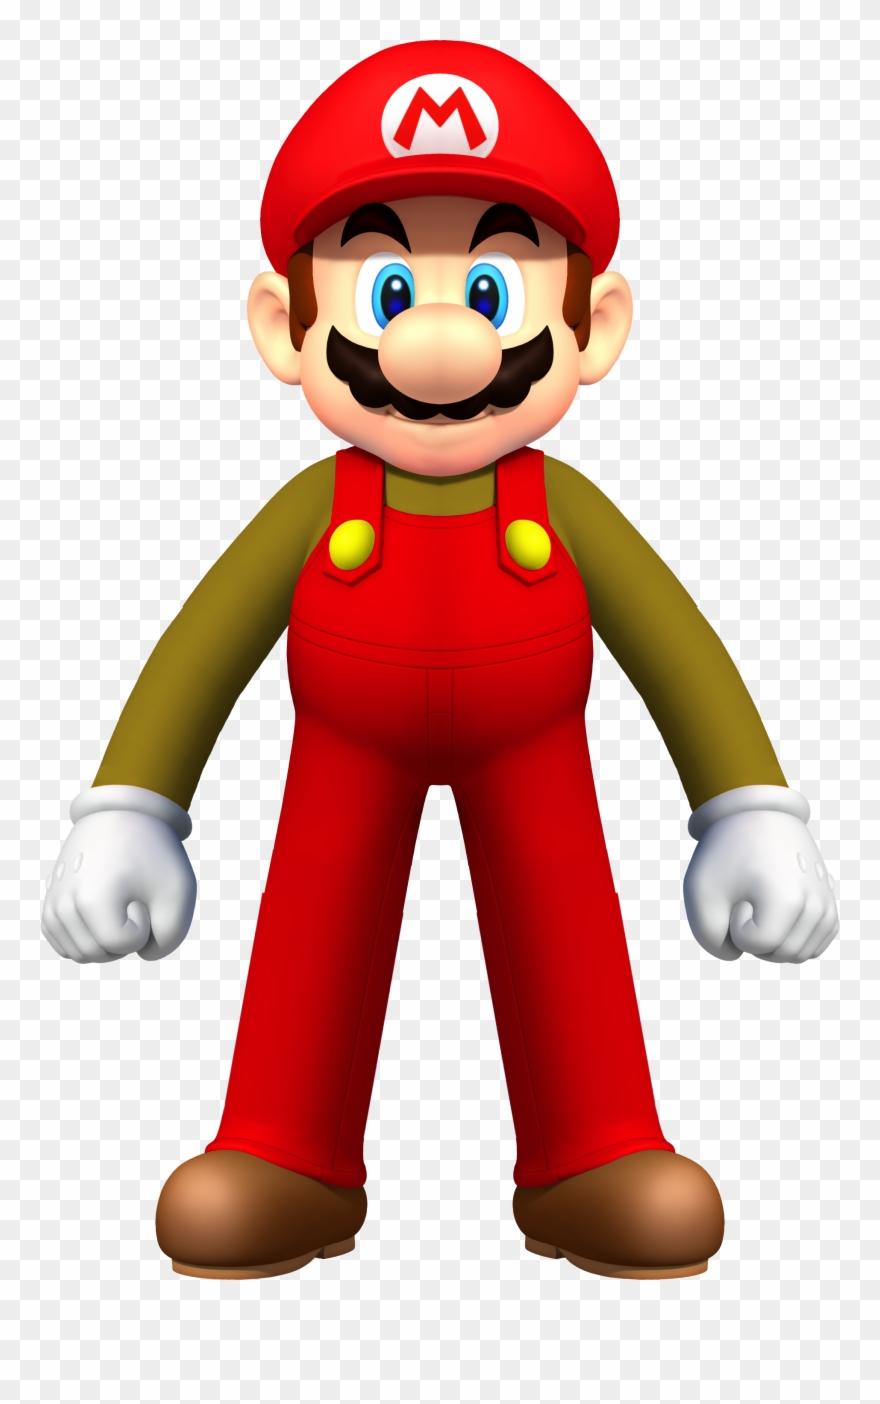 Mario clipart classic mario. Super png download